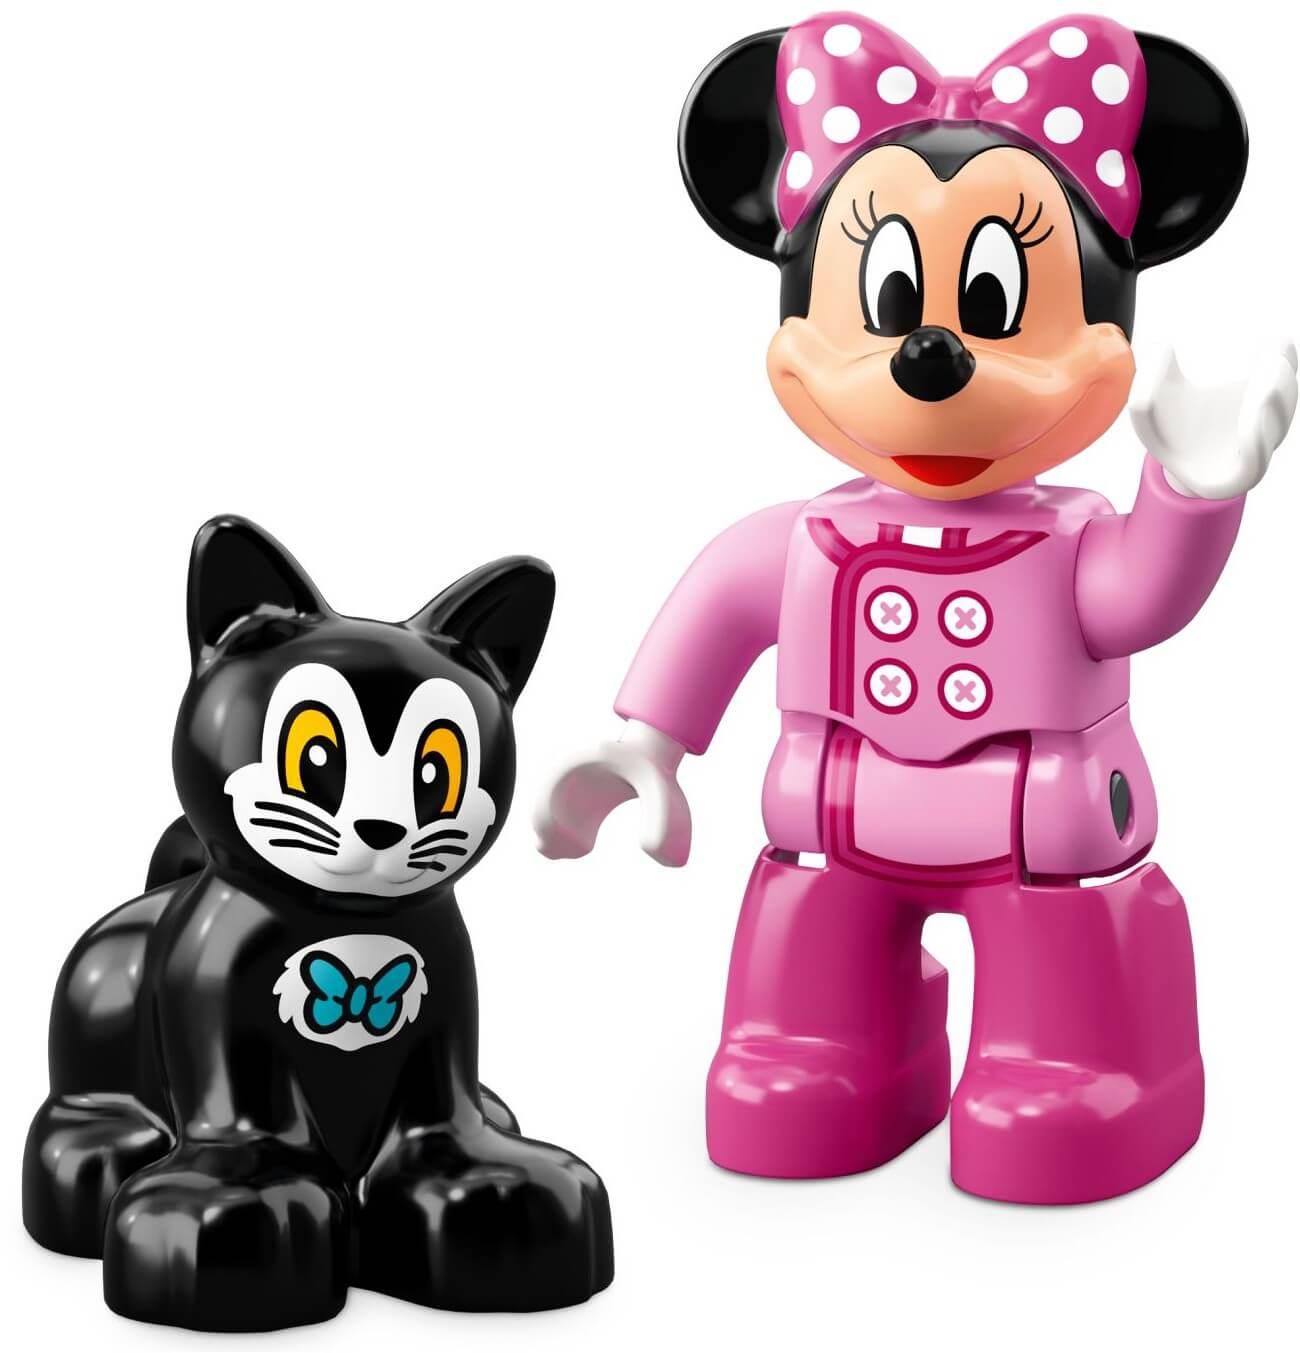 Mua đồ chơi LEGO 10873 - LEGO Duplo 10873 - Tiệc Sinh Nhật của Minnie (LEGO 10873 Minnie's Birthday Party)